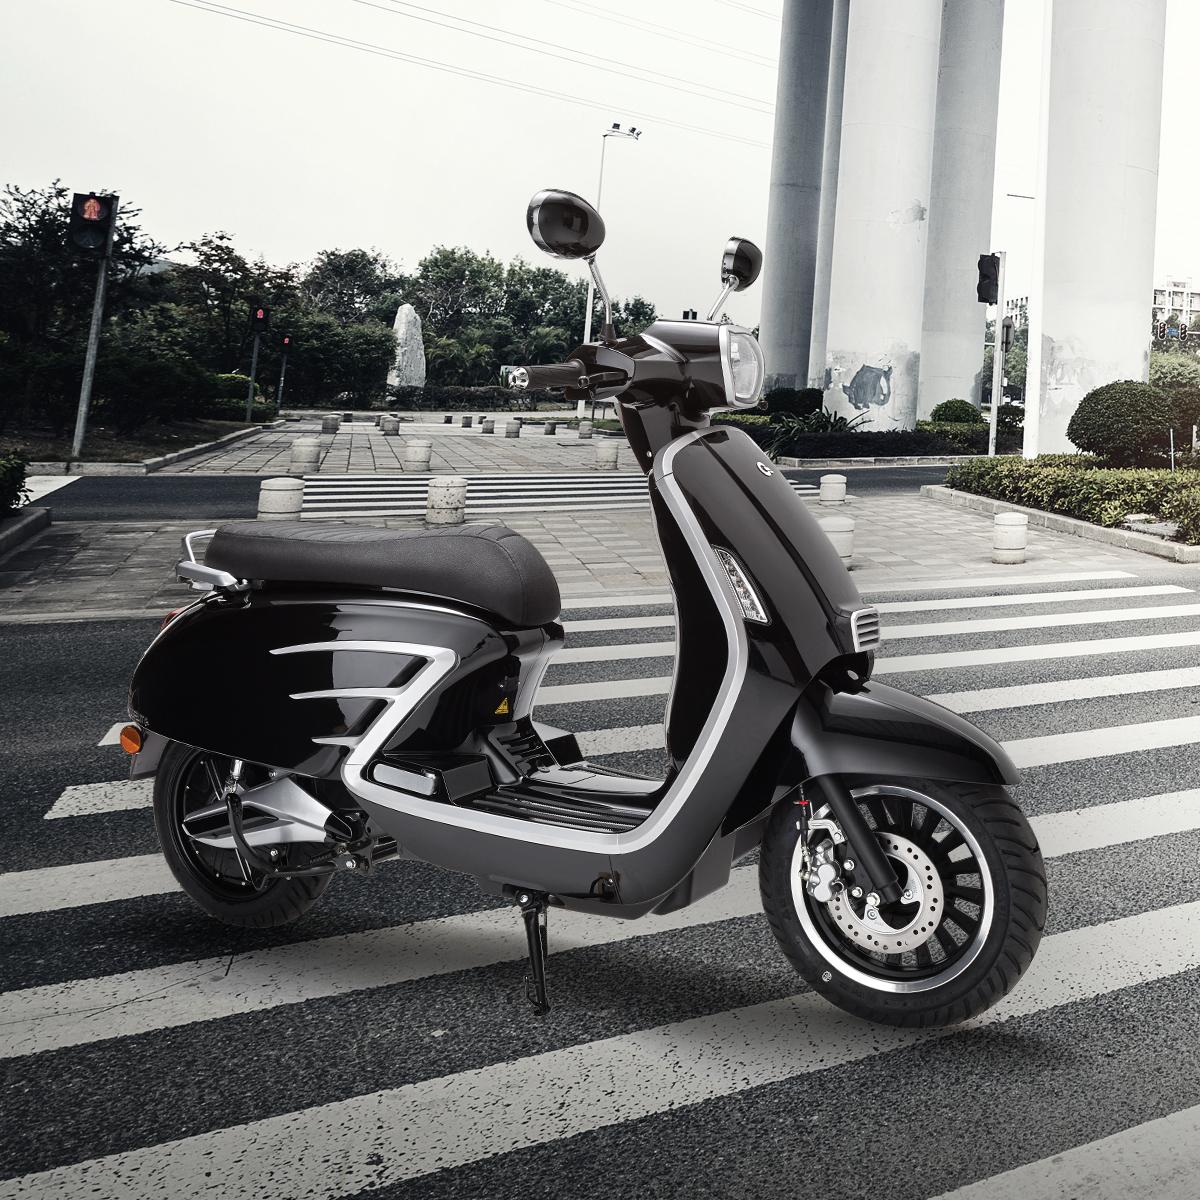 tilscoot-r-new-euroscoot-exterieur